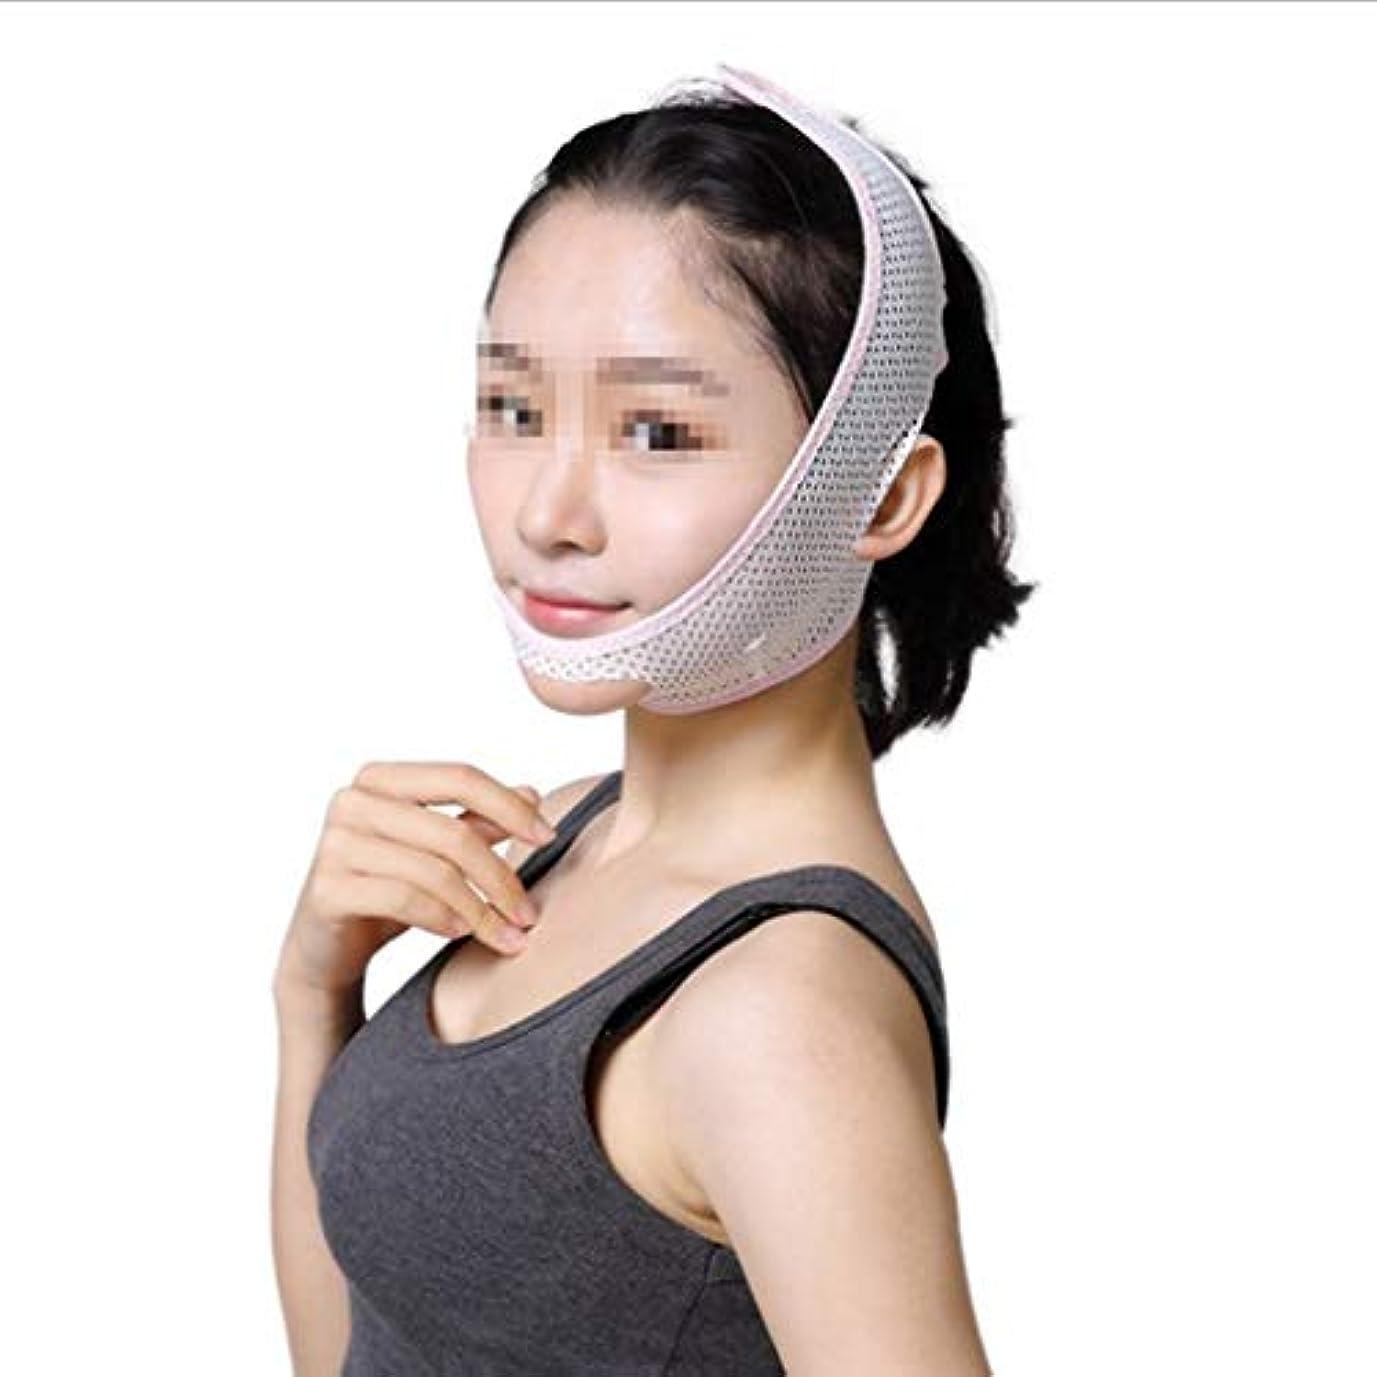 王族記念デッキ超薄型通気性フェイスマスク、包帯Vフェイスマスクフェイスリフティングファーミングダブルチンシンフェイスベルト (Size : M)